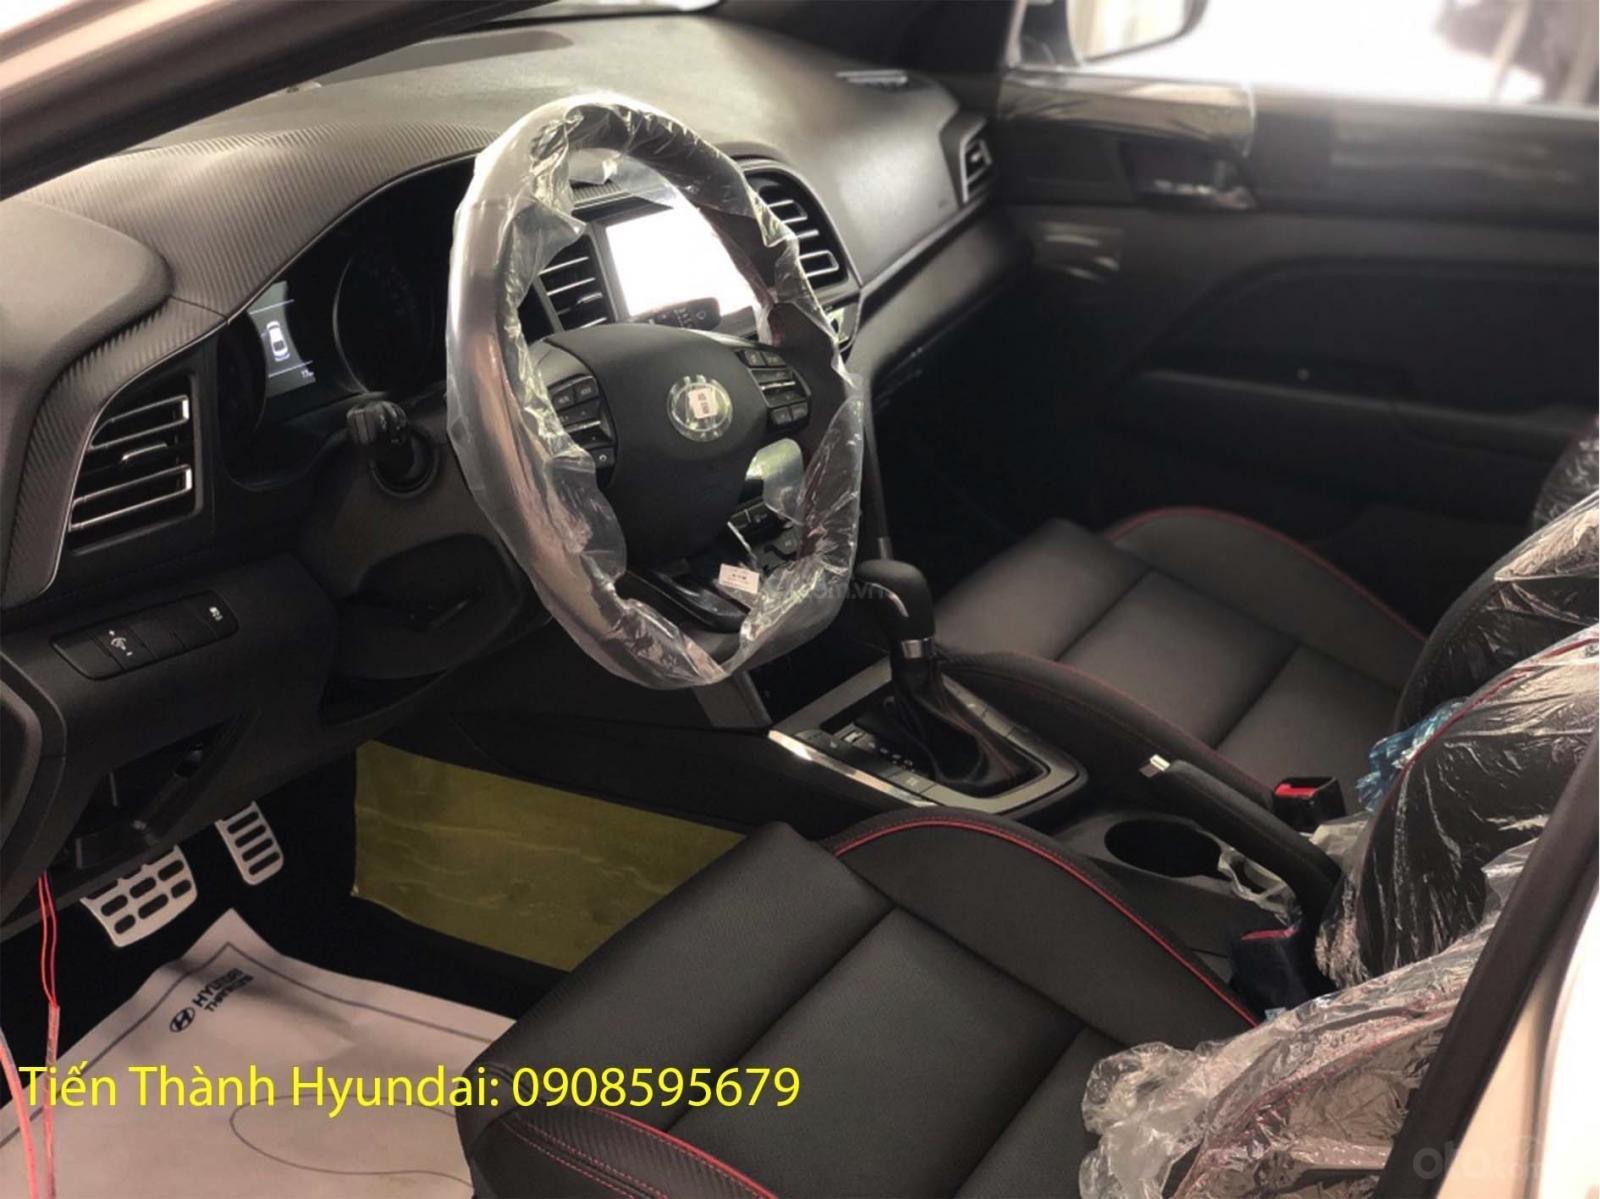 Hyundai Elantra 1.6 Turbo giảm ngay 50tr và gói phụ kiện 15tr, full màu chọn lựa (5)